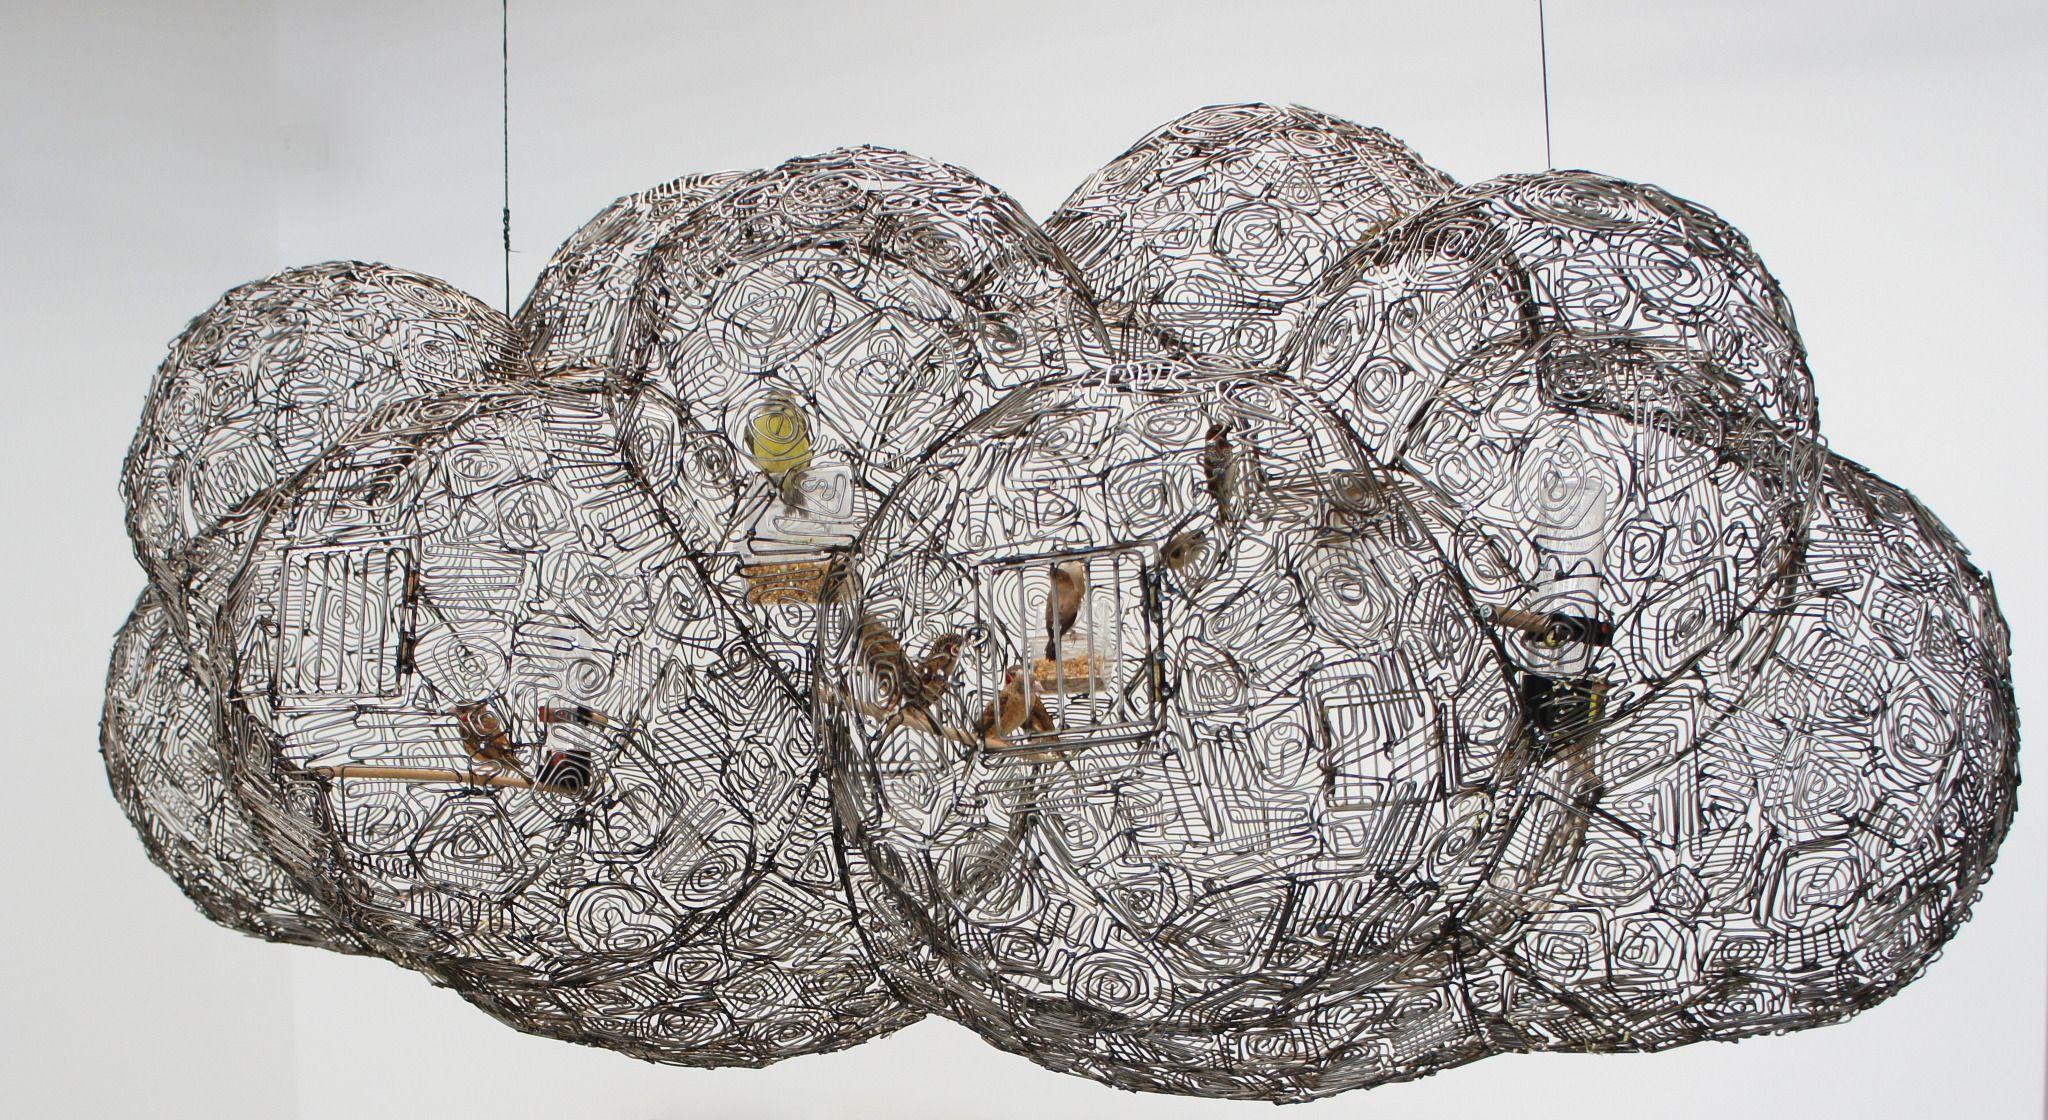 instru-mental II\'Kemal Tufan - pgart-en | Sculpture | Pinterest ...